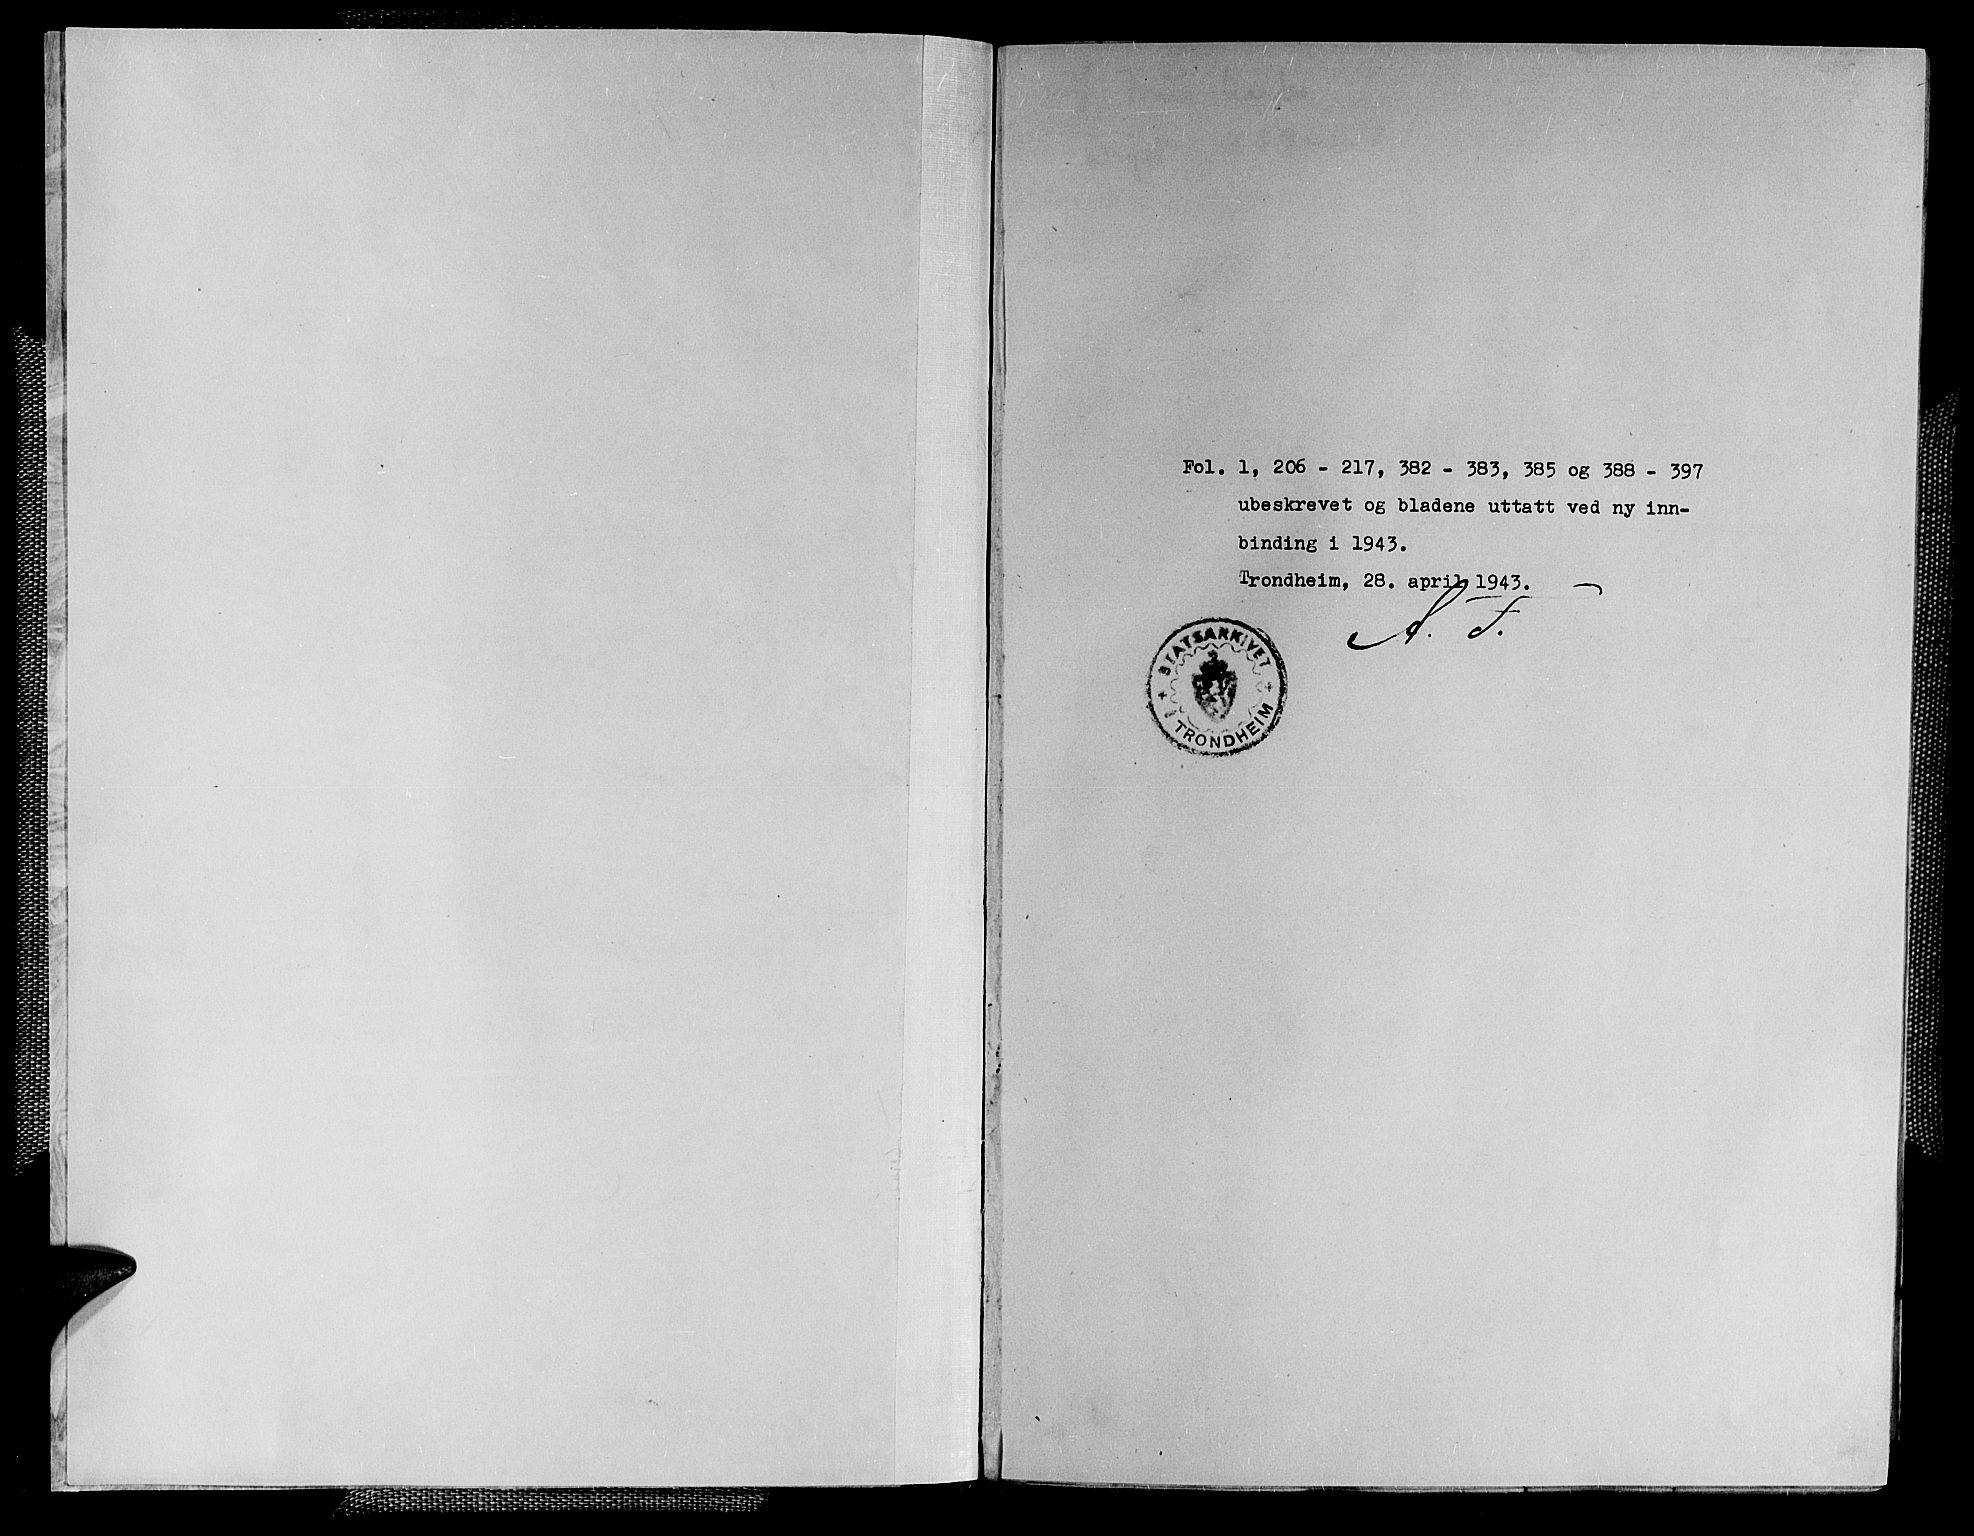 SAT, Ministerialprotokoller, klokkerbøker og fødselsregistre - Sør-Trøndelag, 602/L0139: Klokkerbok nr. 602C07, 1859-1864